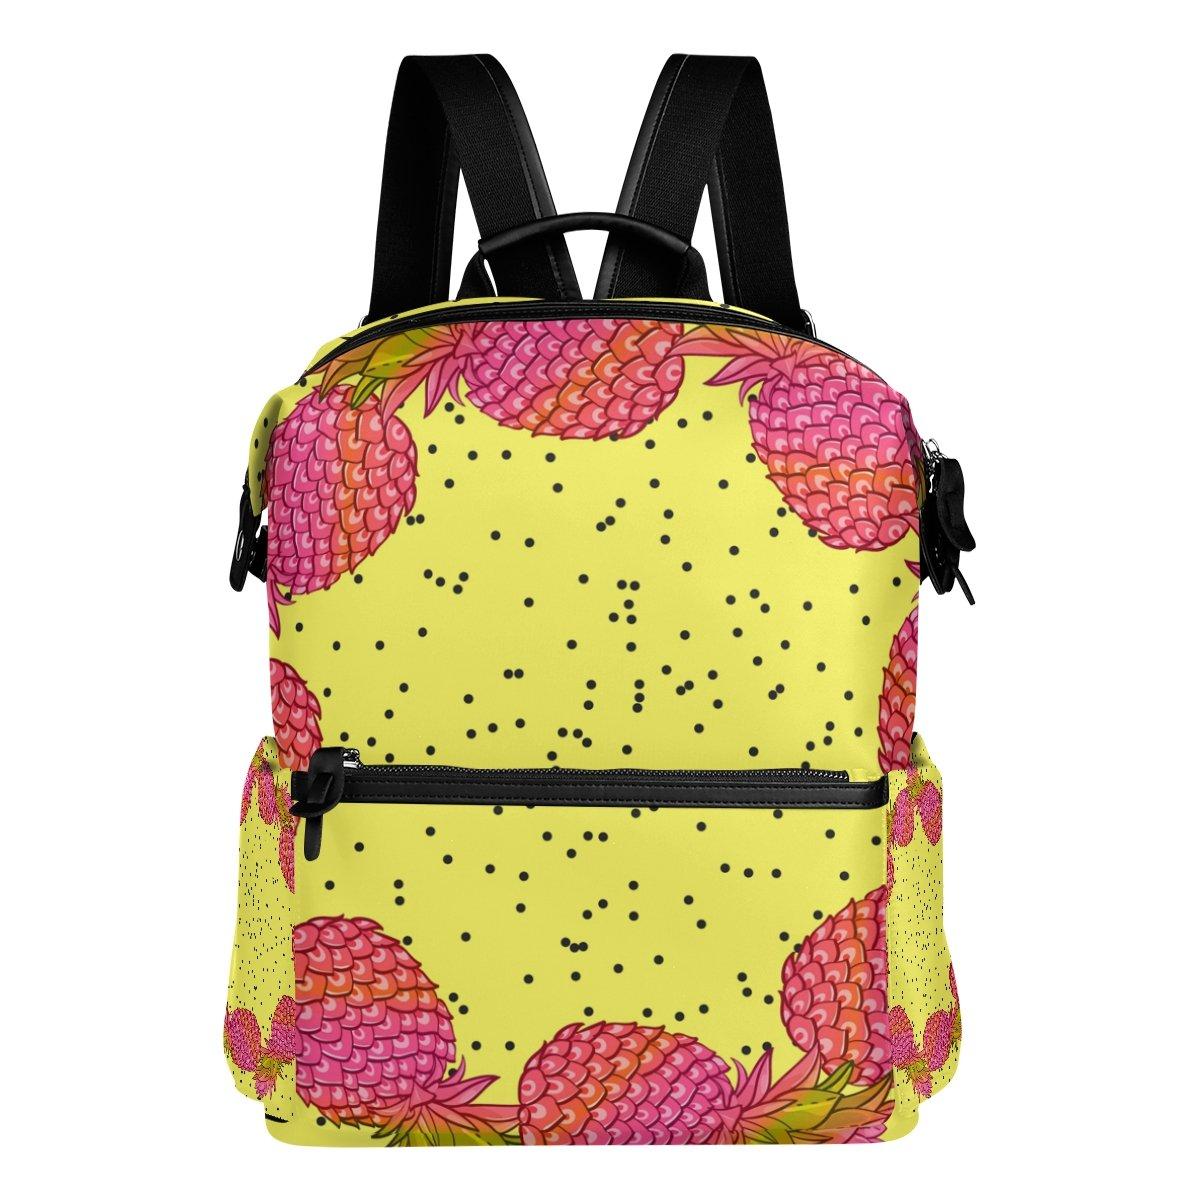 COOSUN Piña creativa de moda arte de la guirnalda guirnalda guirnalda de escuela de la mochila del morral del recorrido Multi a90fc9